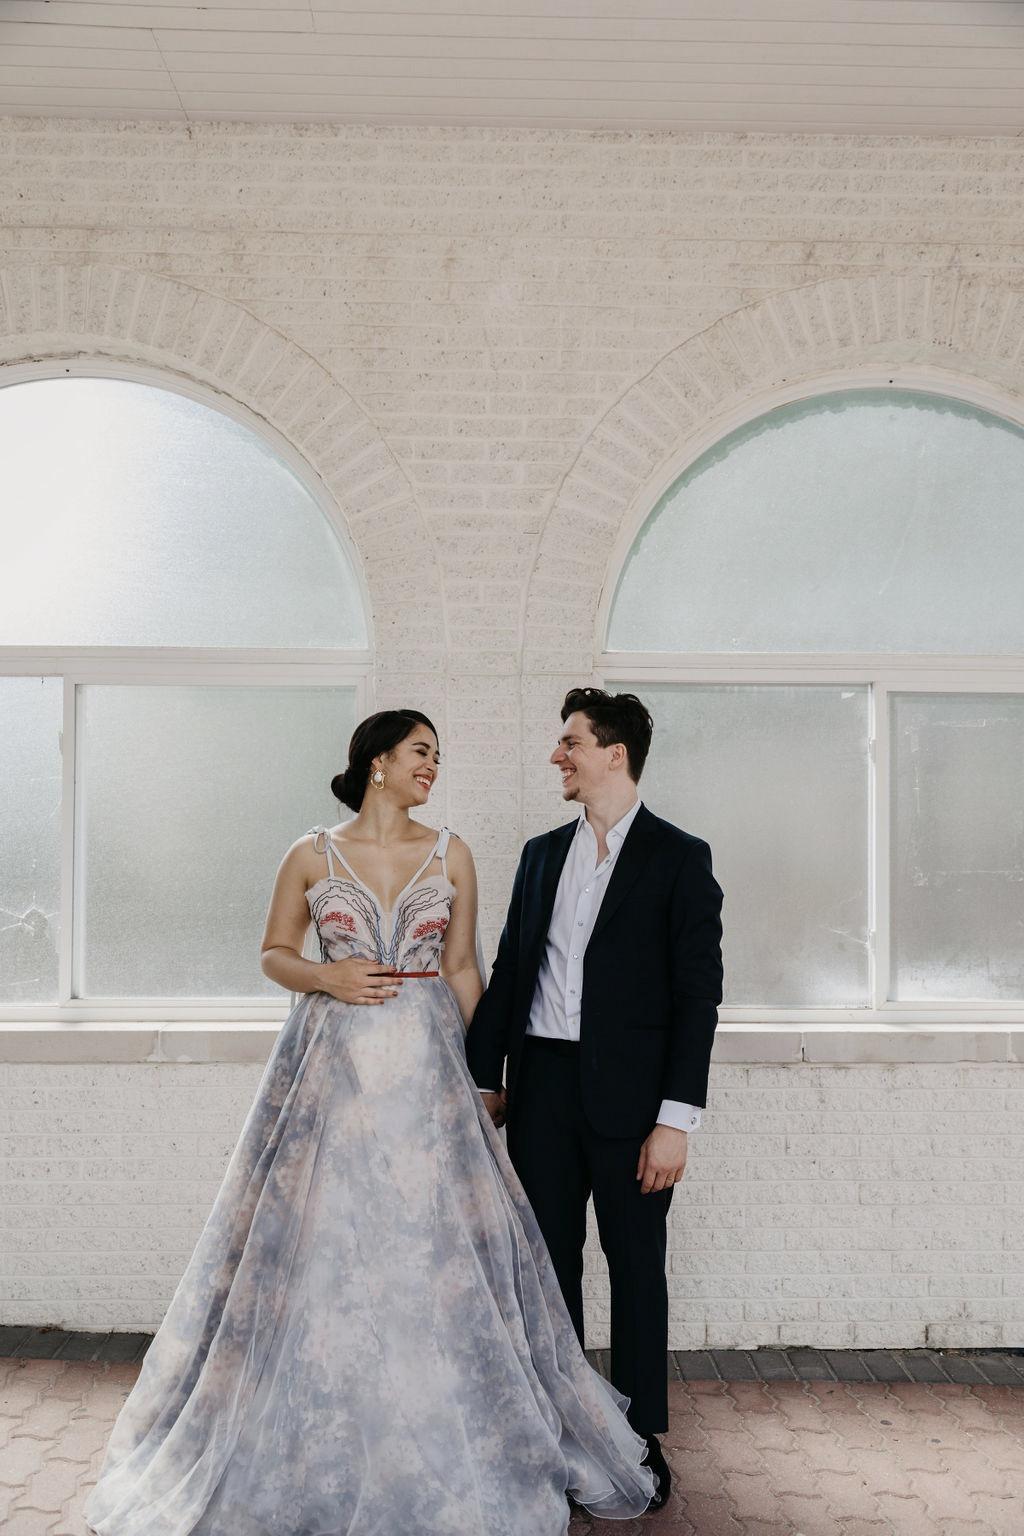 Wedding photos by:  http://www.weddingsbyamylynn.com/